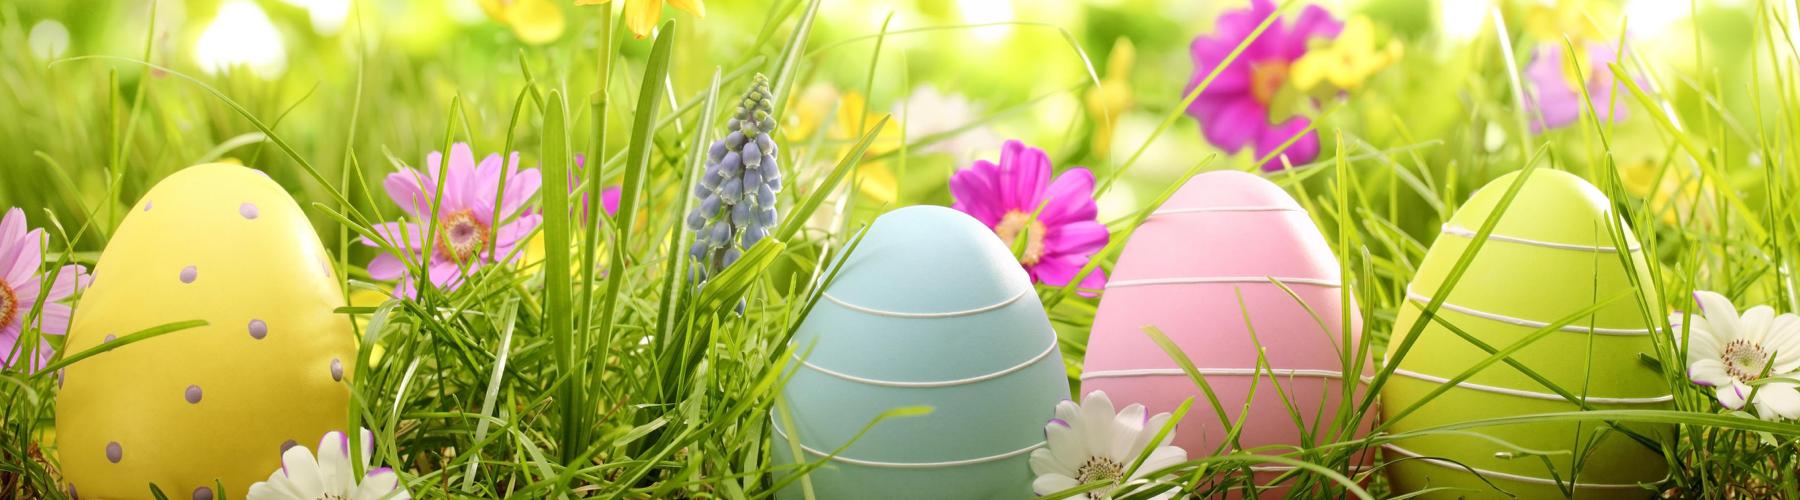 8 Publicités Créatives pour Pâques